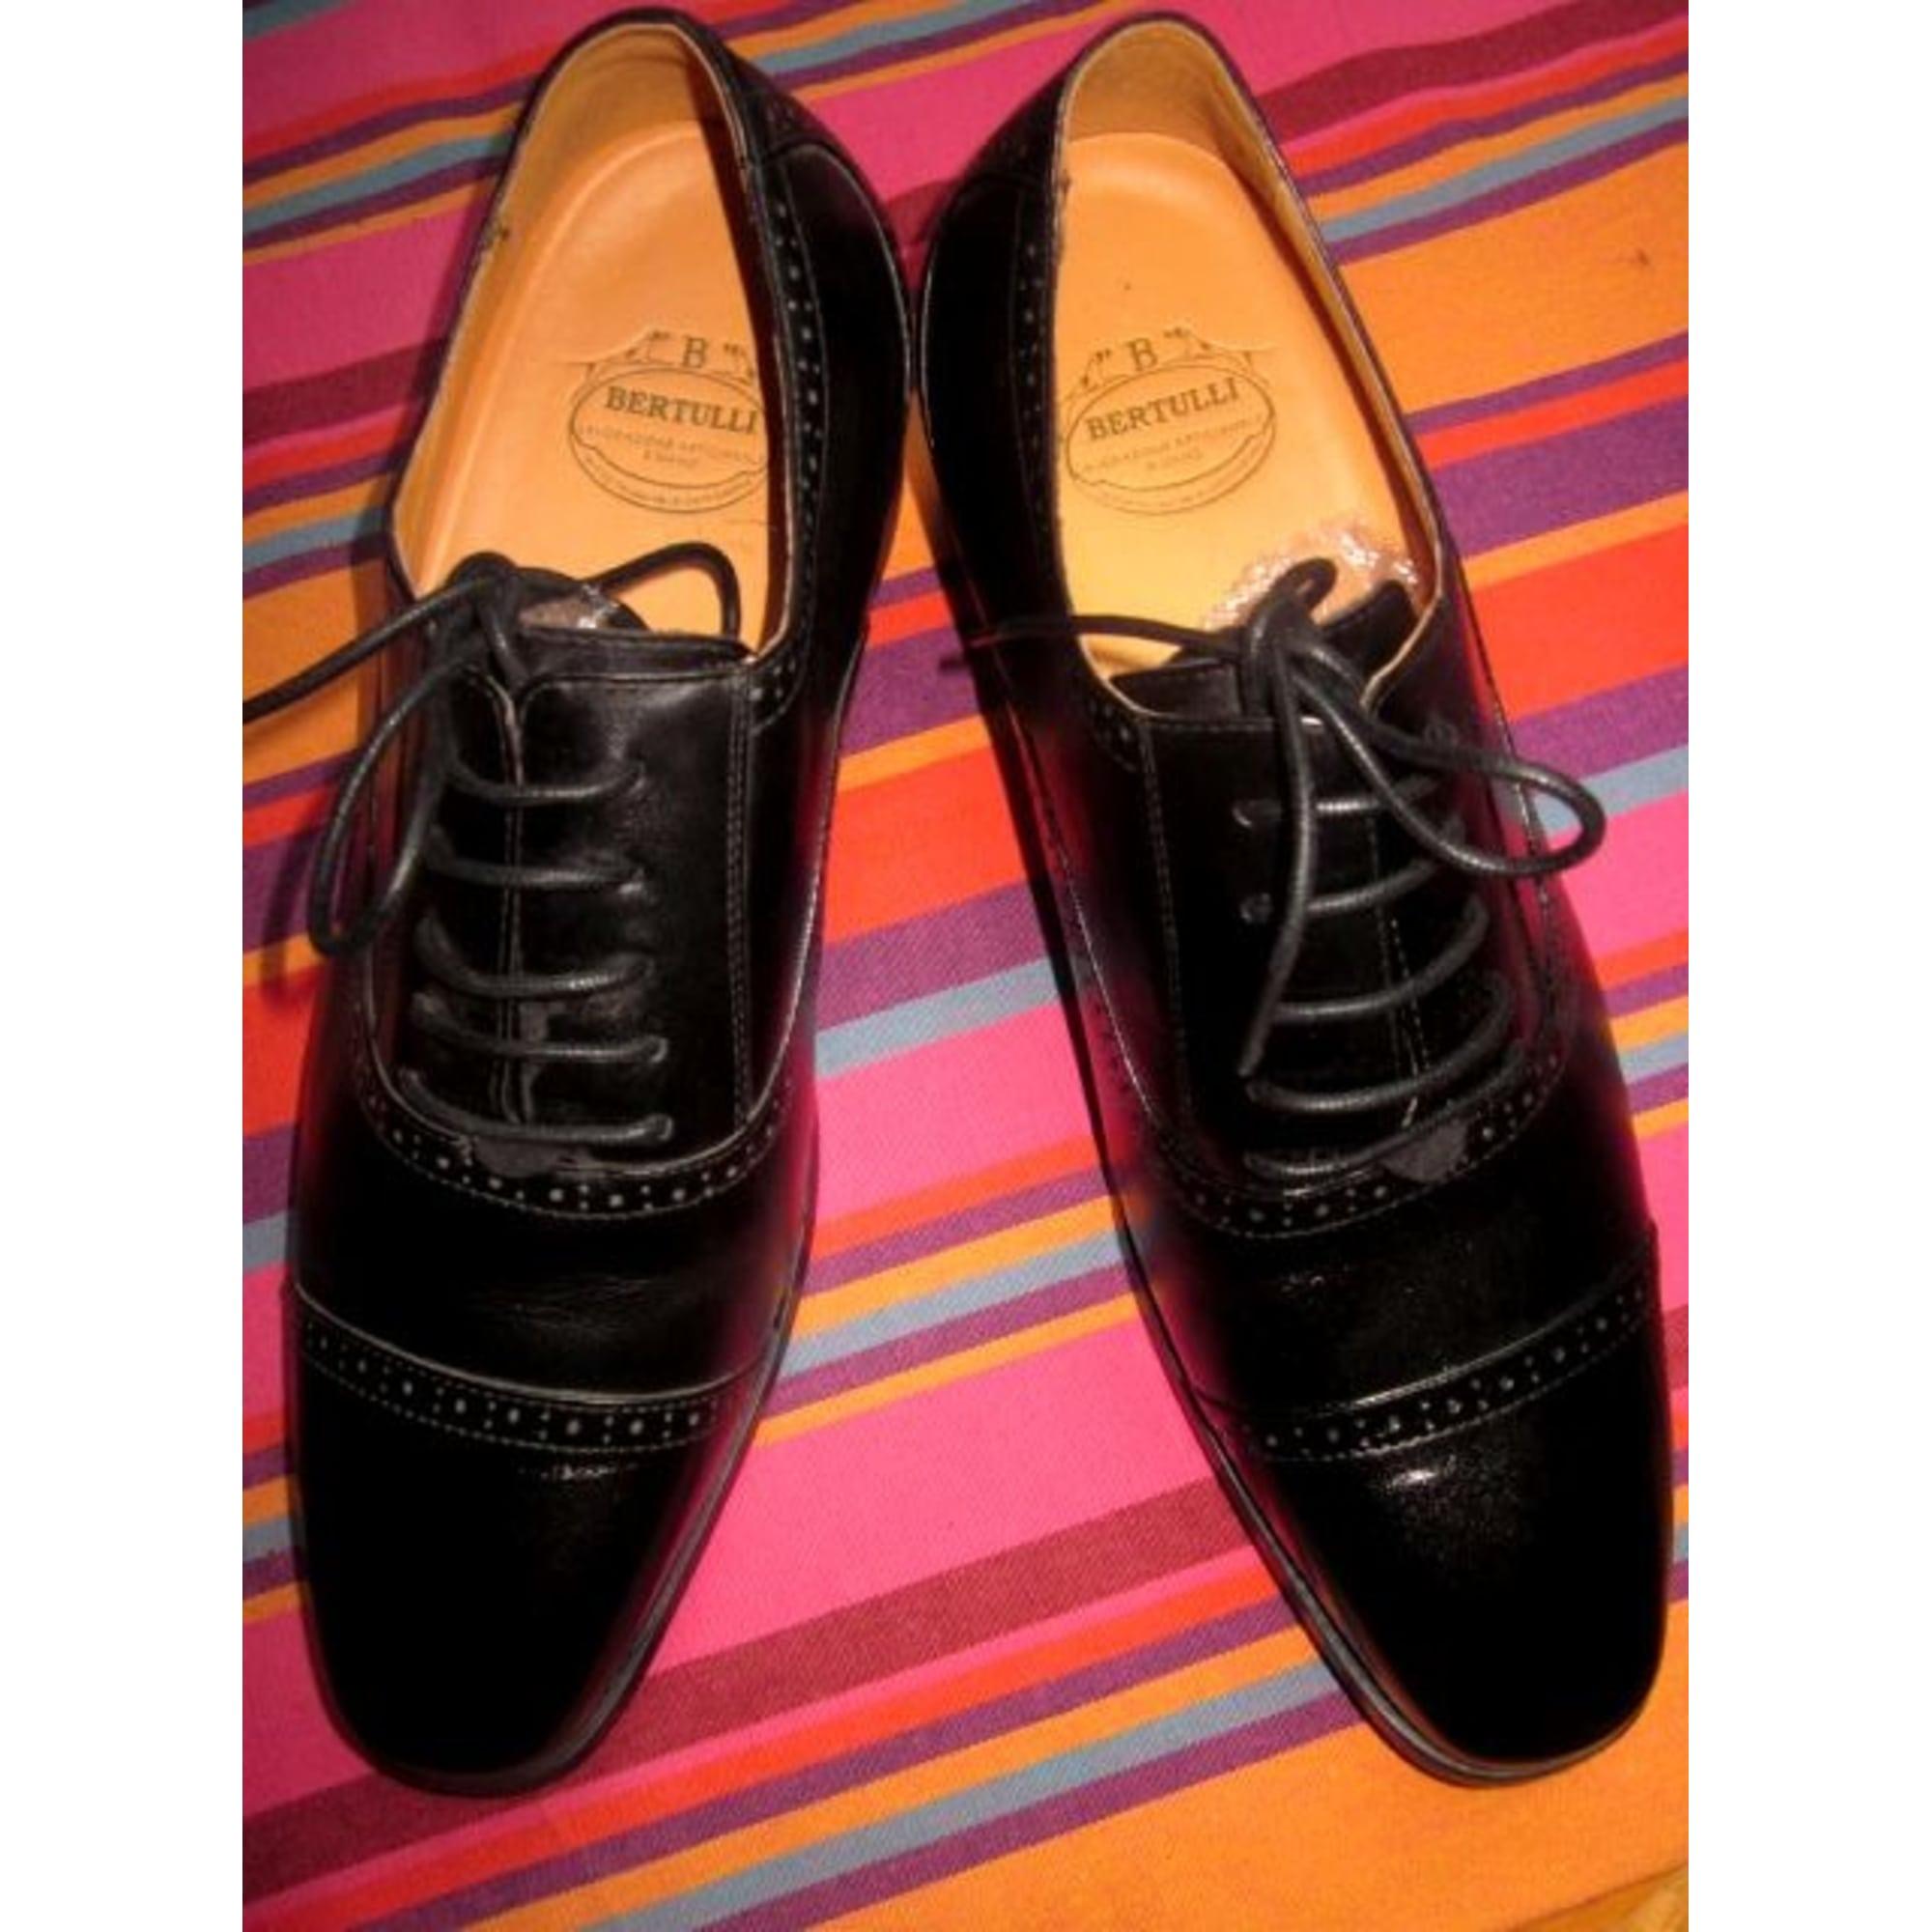 a803f780c60c Chaussures à lacets MARIO BERTULLI 40 noir vendu par Sophie ...